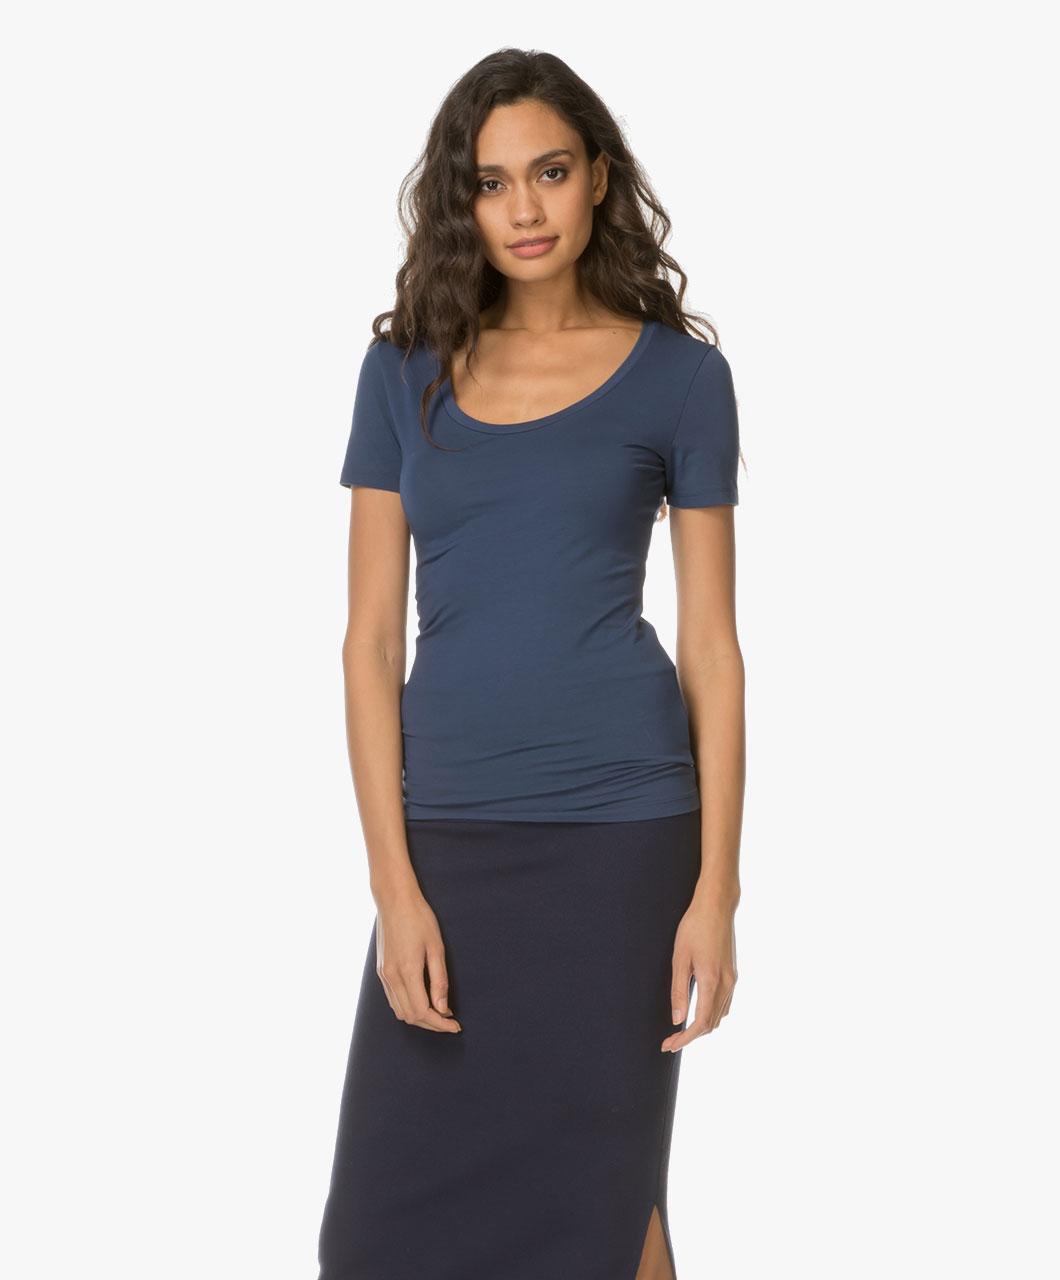 drykorn natina scoopneck t shirt dark blue natina 507100 32 dark. Black Bedroom Furniture Sets. Home Design Ideas